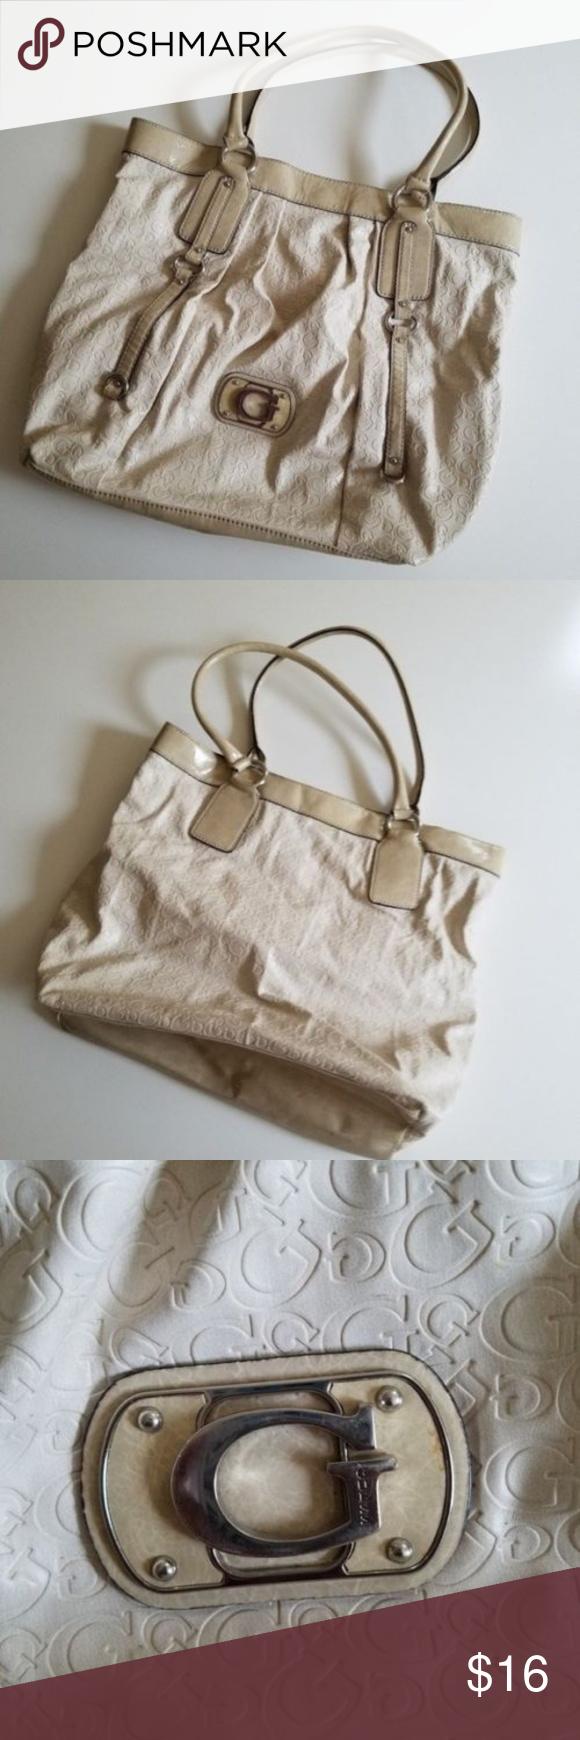 Guess Women s Cream Handbag Tote Bag Shoulder bag Guess Cream Color Tote Bag.  Vinyl with 5aab75f5b5981